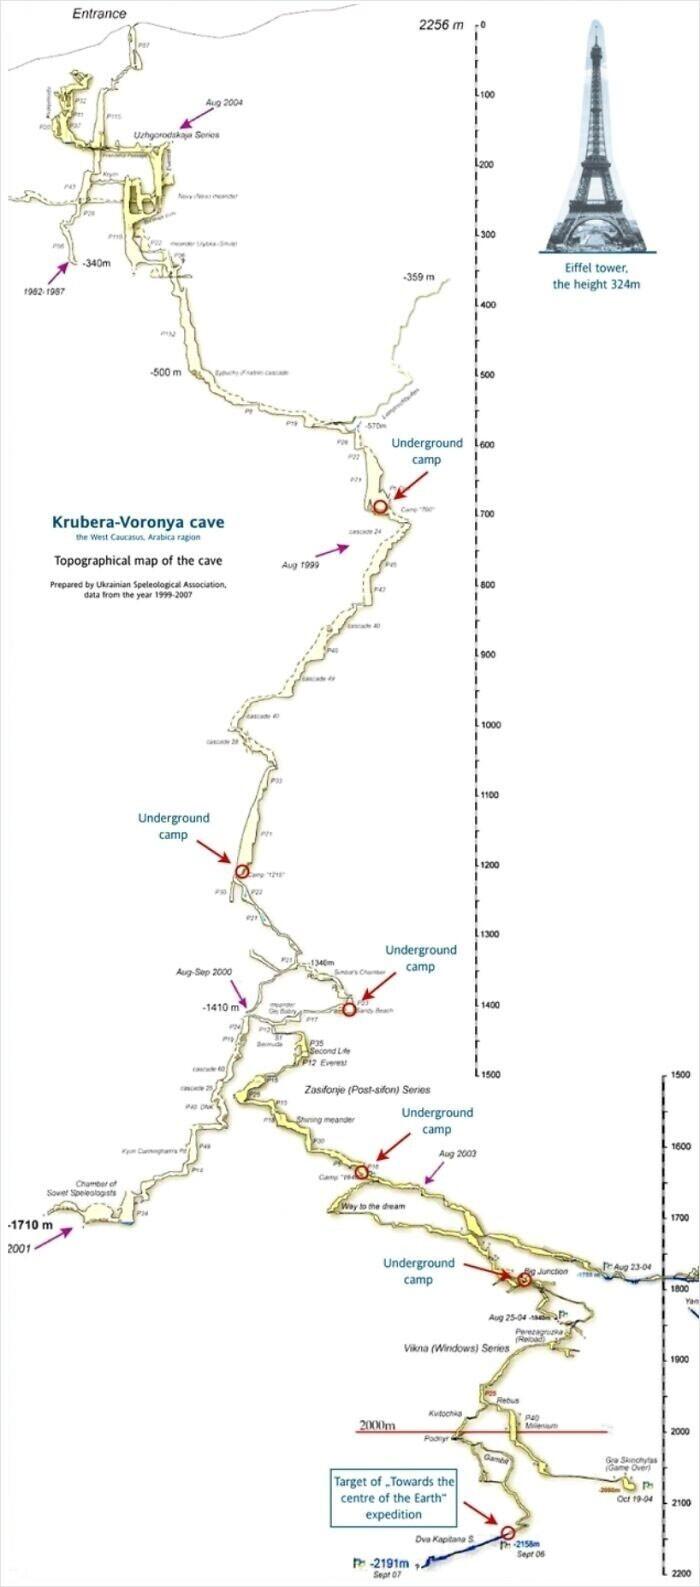 Карта пещеры Крубера-Воронья в Абхазии - самой глубокой пещерной системы мира глубиной 2191 метра